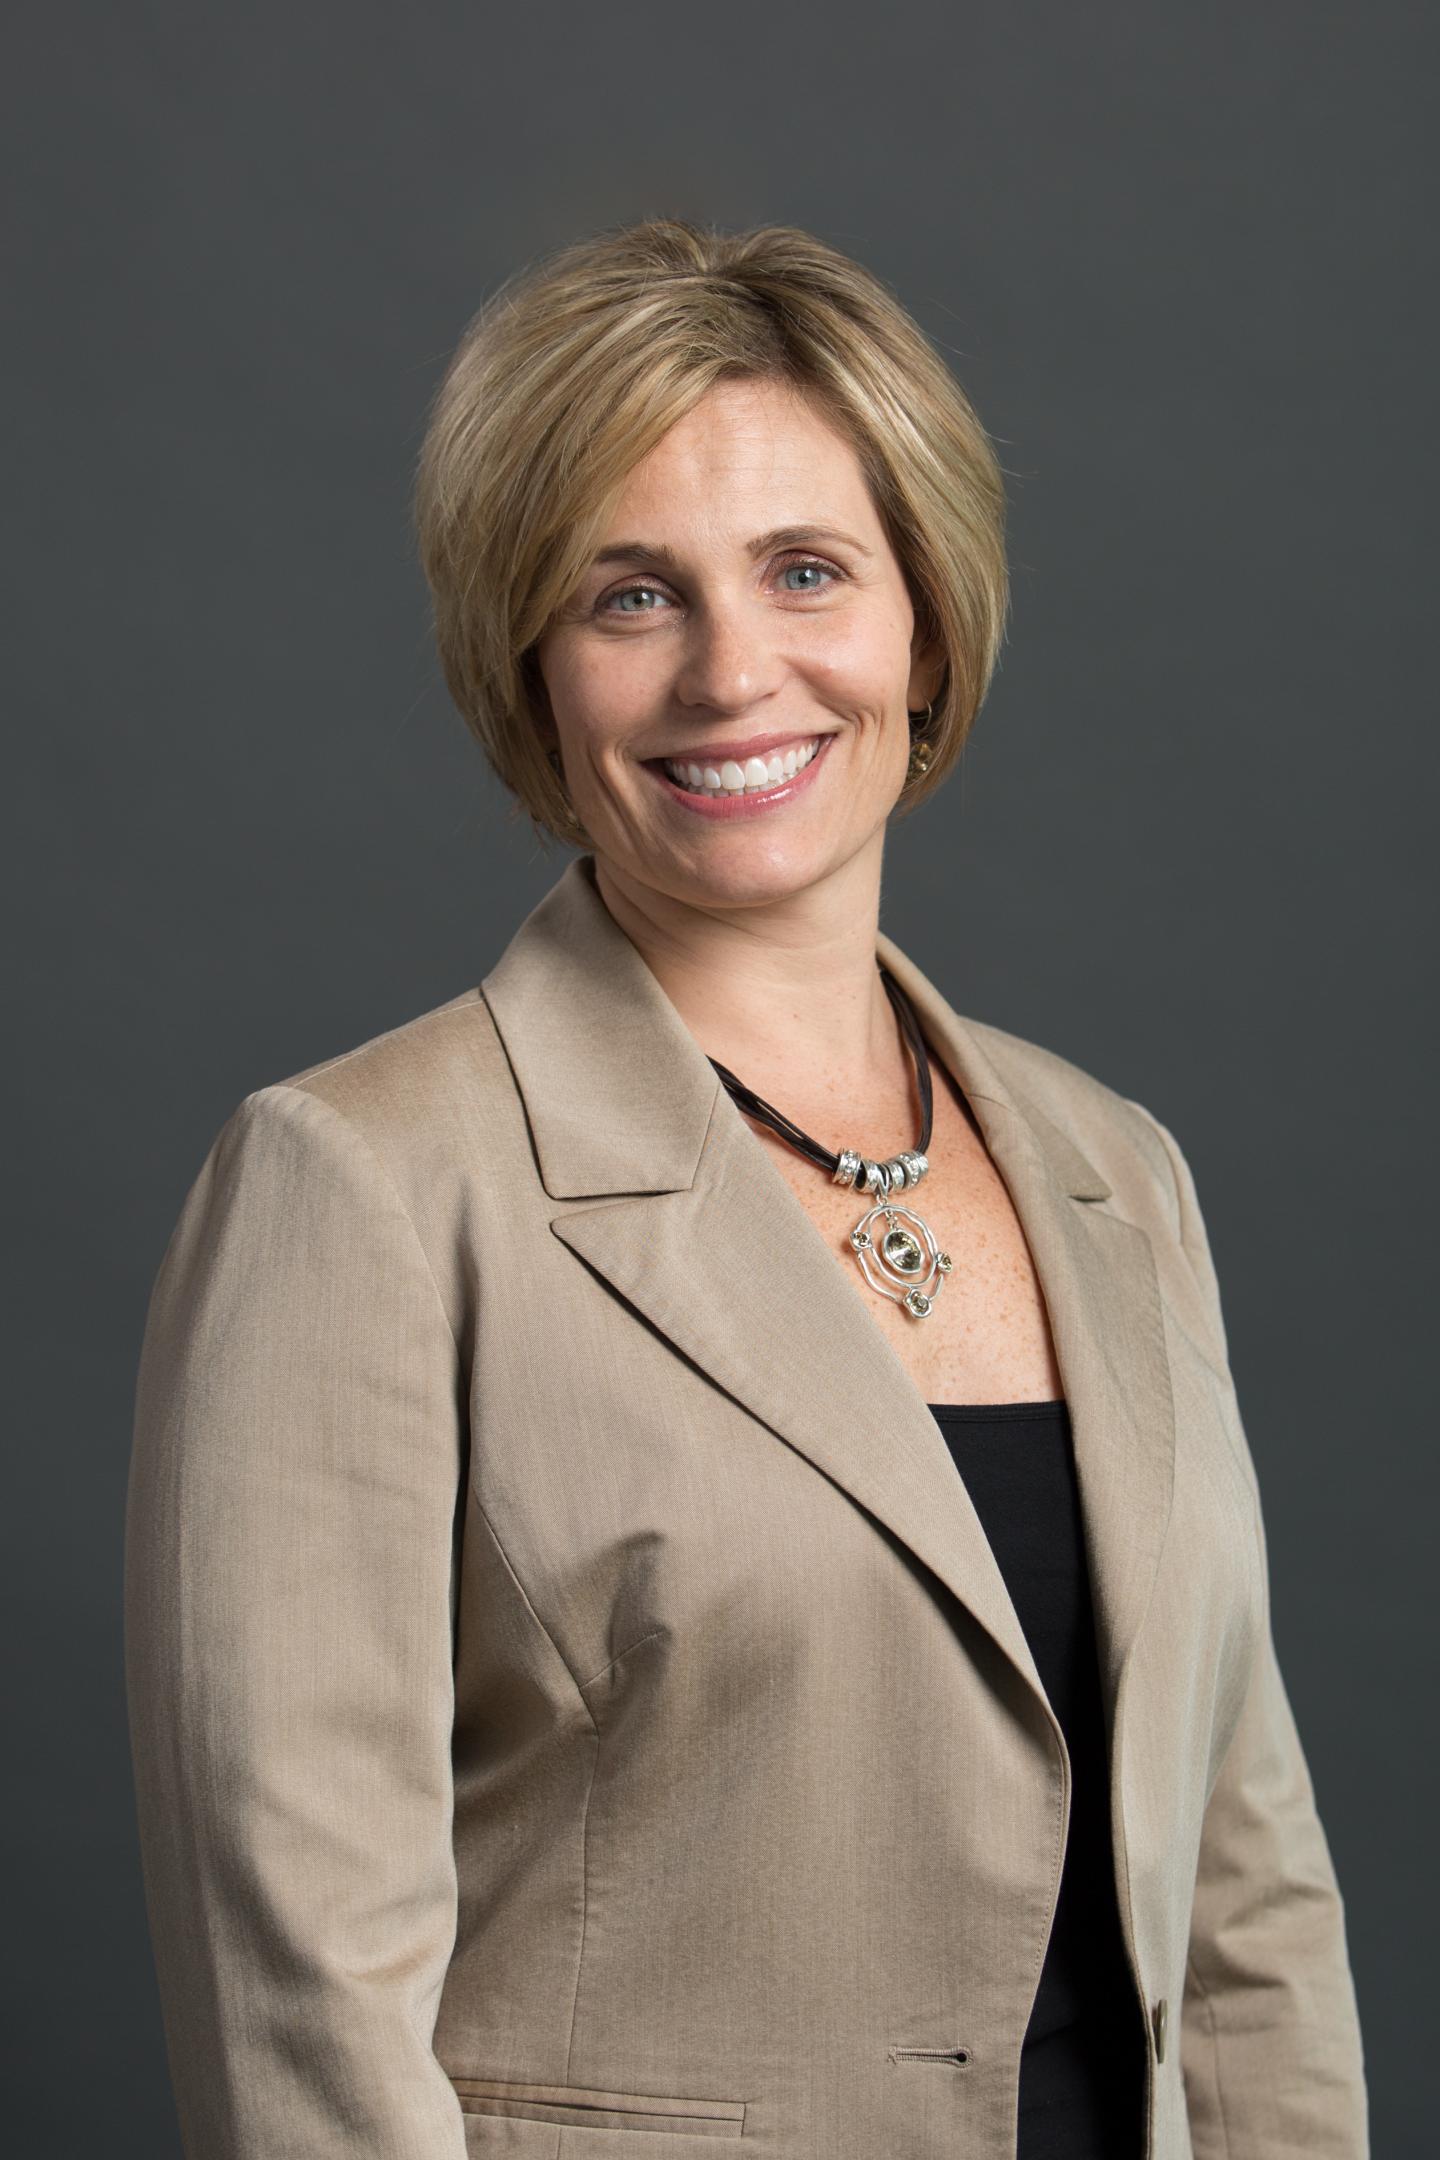 Nicole Fowler, Ph.D., Regenstrief Institute